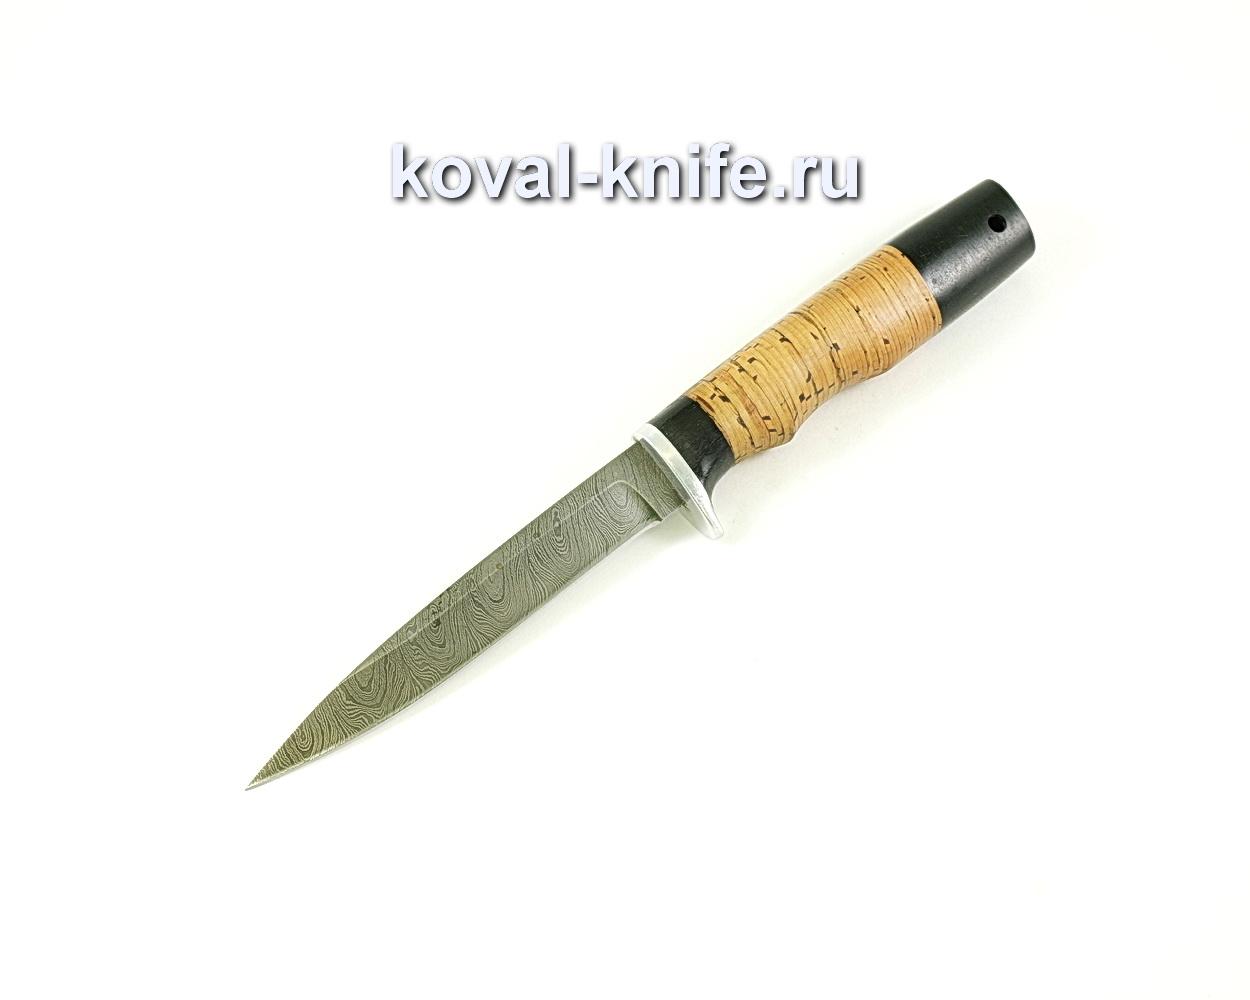 Нож коготь (сталь дамасская), рукоять граб, береста A068